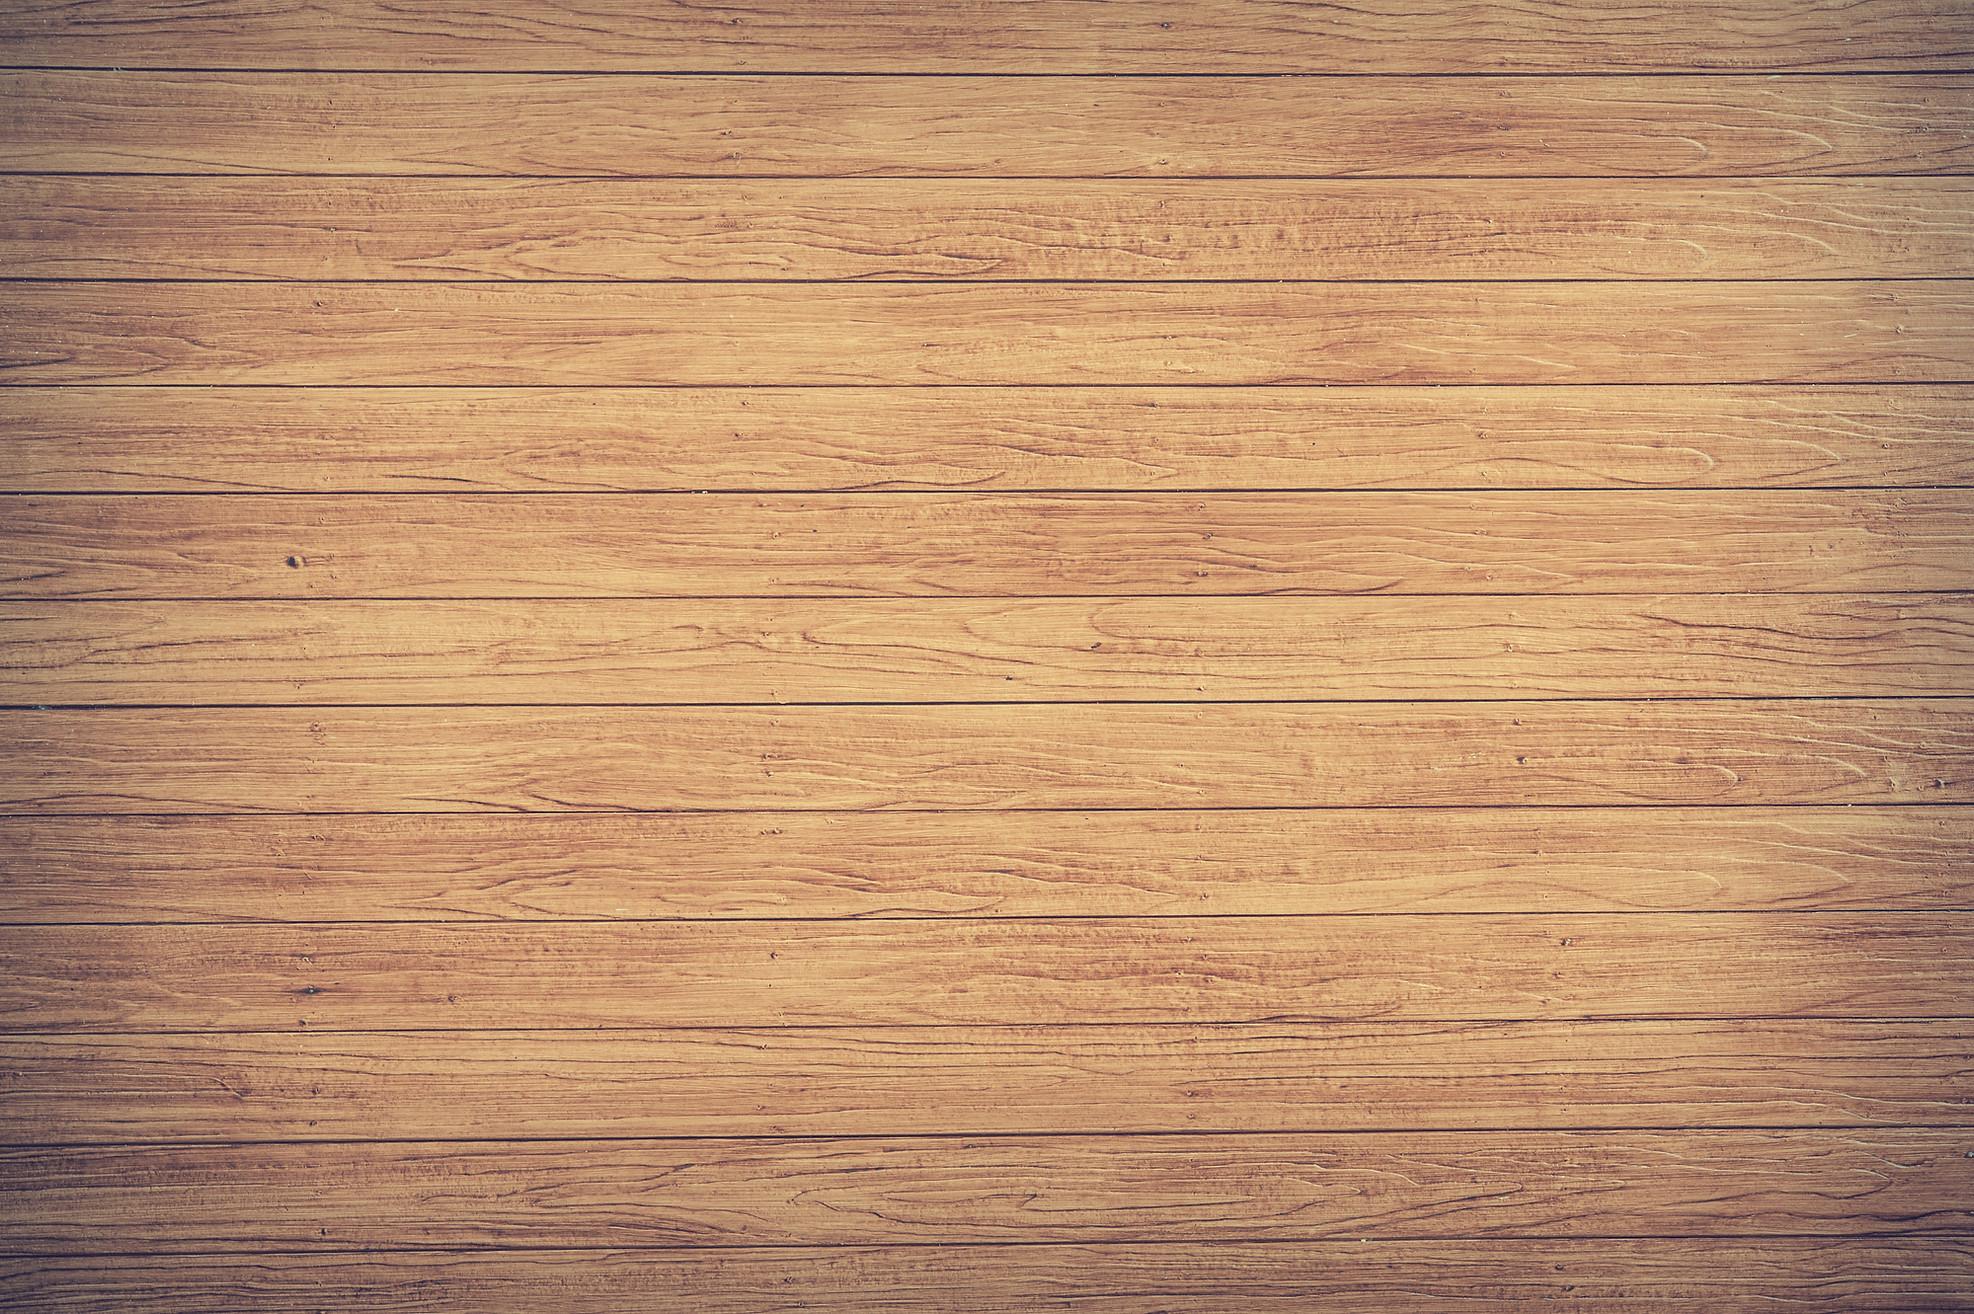 brown-1851053.jpg